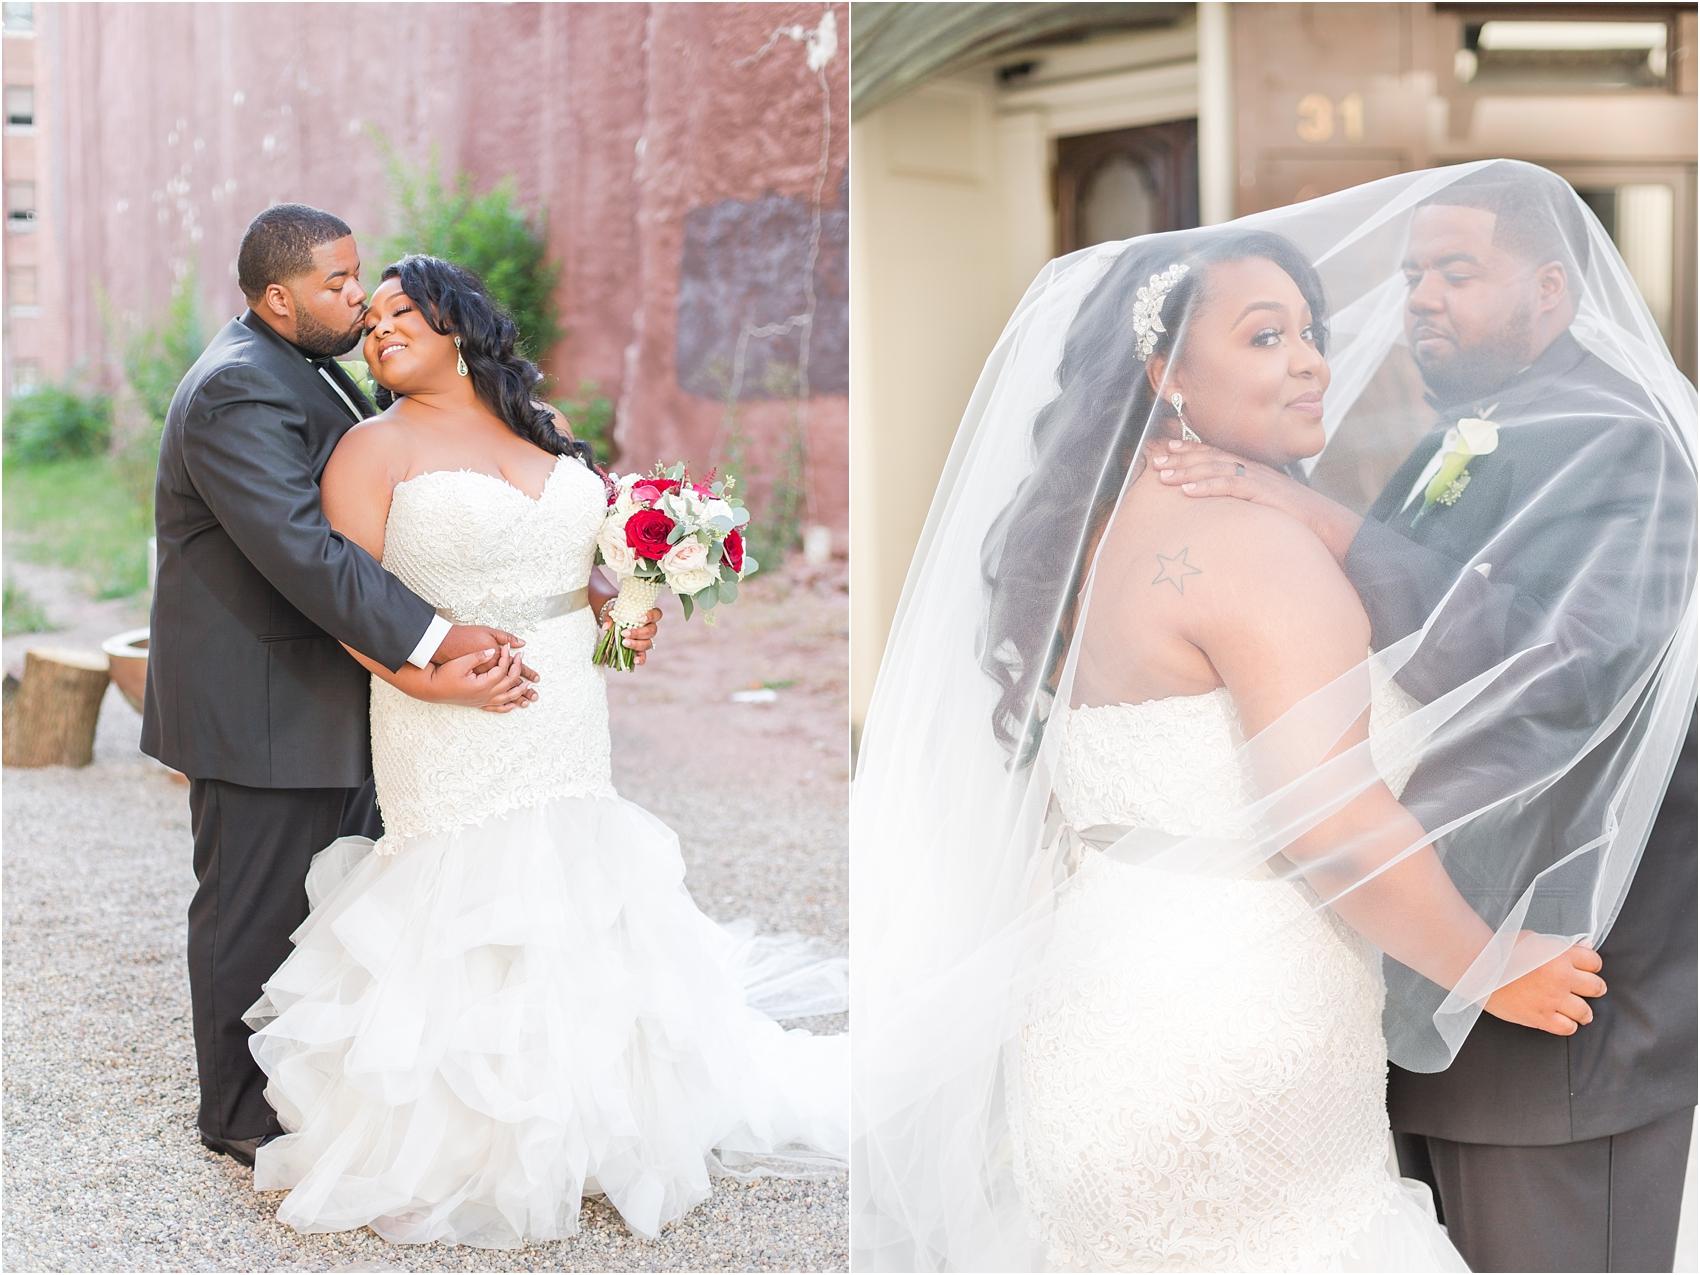 minimalist-and-modern-wedding-photos-at-30-north-saginaw-in-pontiac-michigan-by-courtney-carolyn-photography_0062.jpg